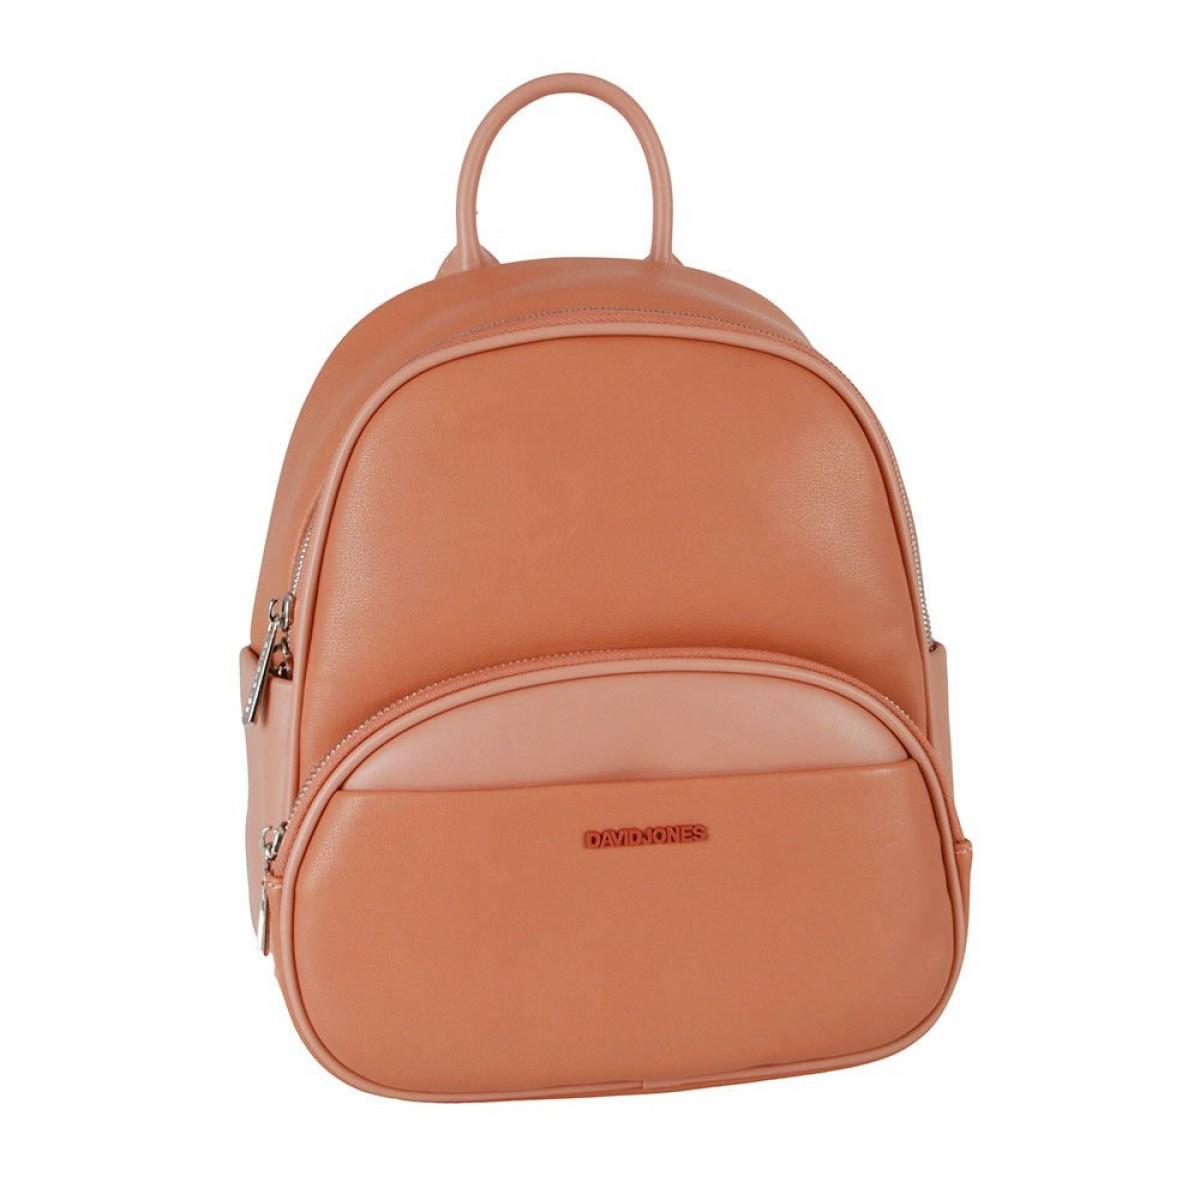 Жіночий рюкзак David Jones 6297-2 CORAL